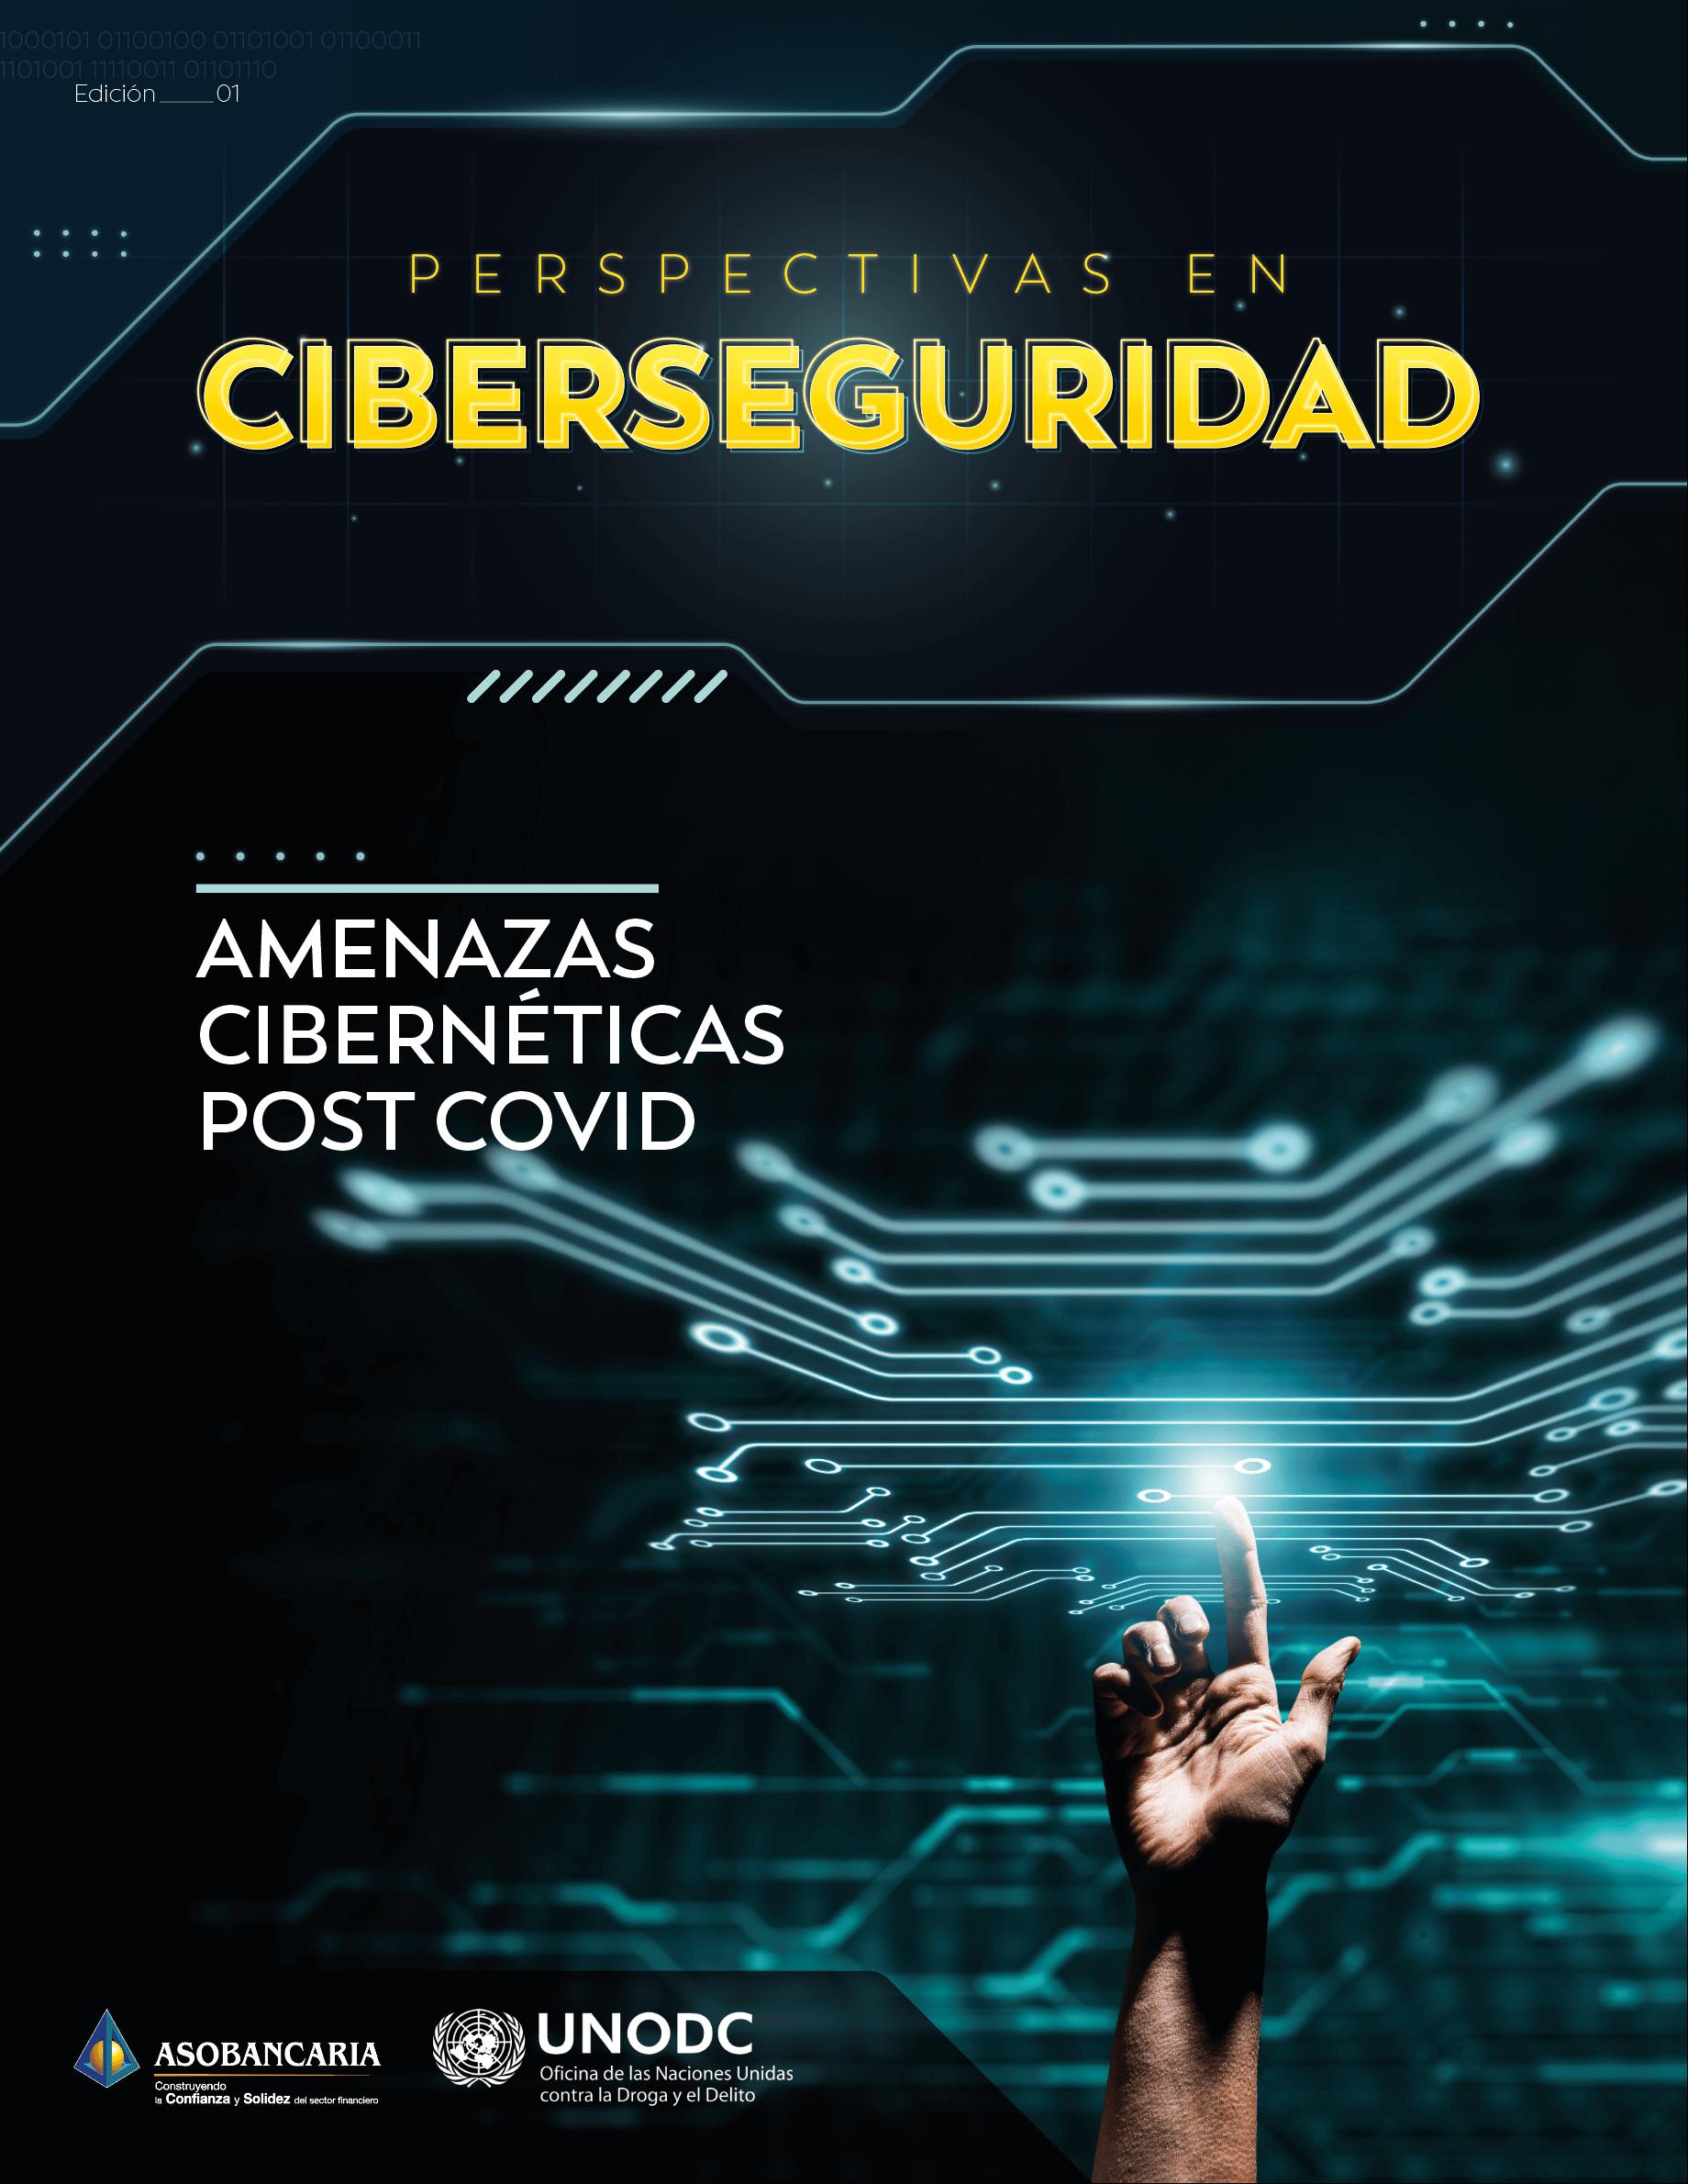 Perspectivas en ciberseguridad